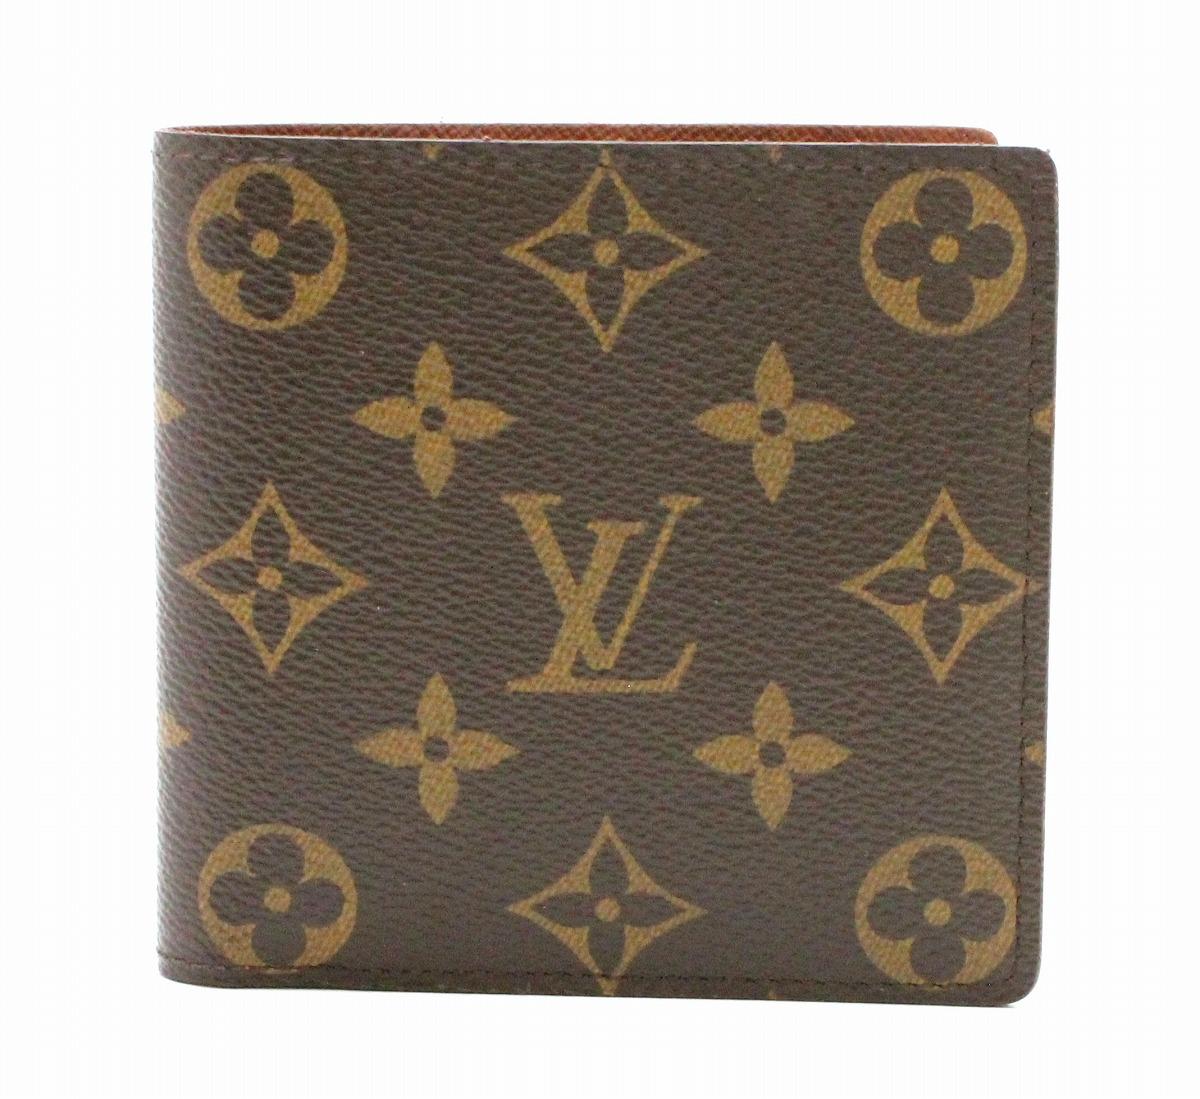 【財布】LOUIS VUITTON ルイ ヴィトン モノグラム ポルトフォイユ マルコ 2つ折財布 M61675 【中古】【k】